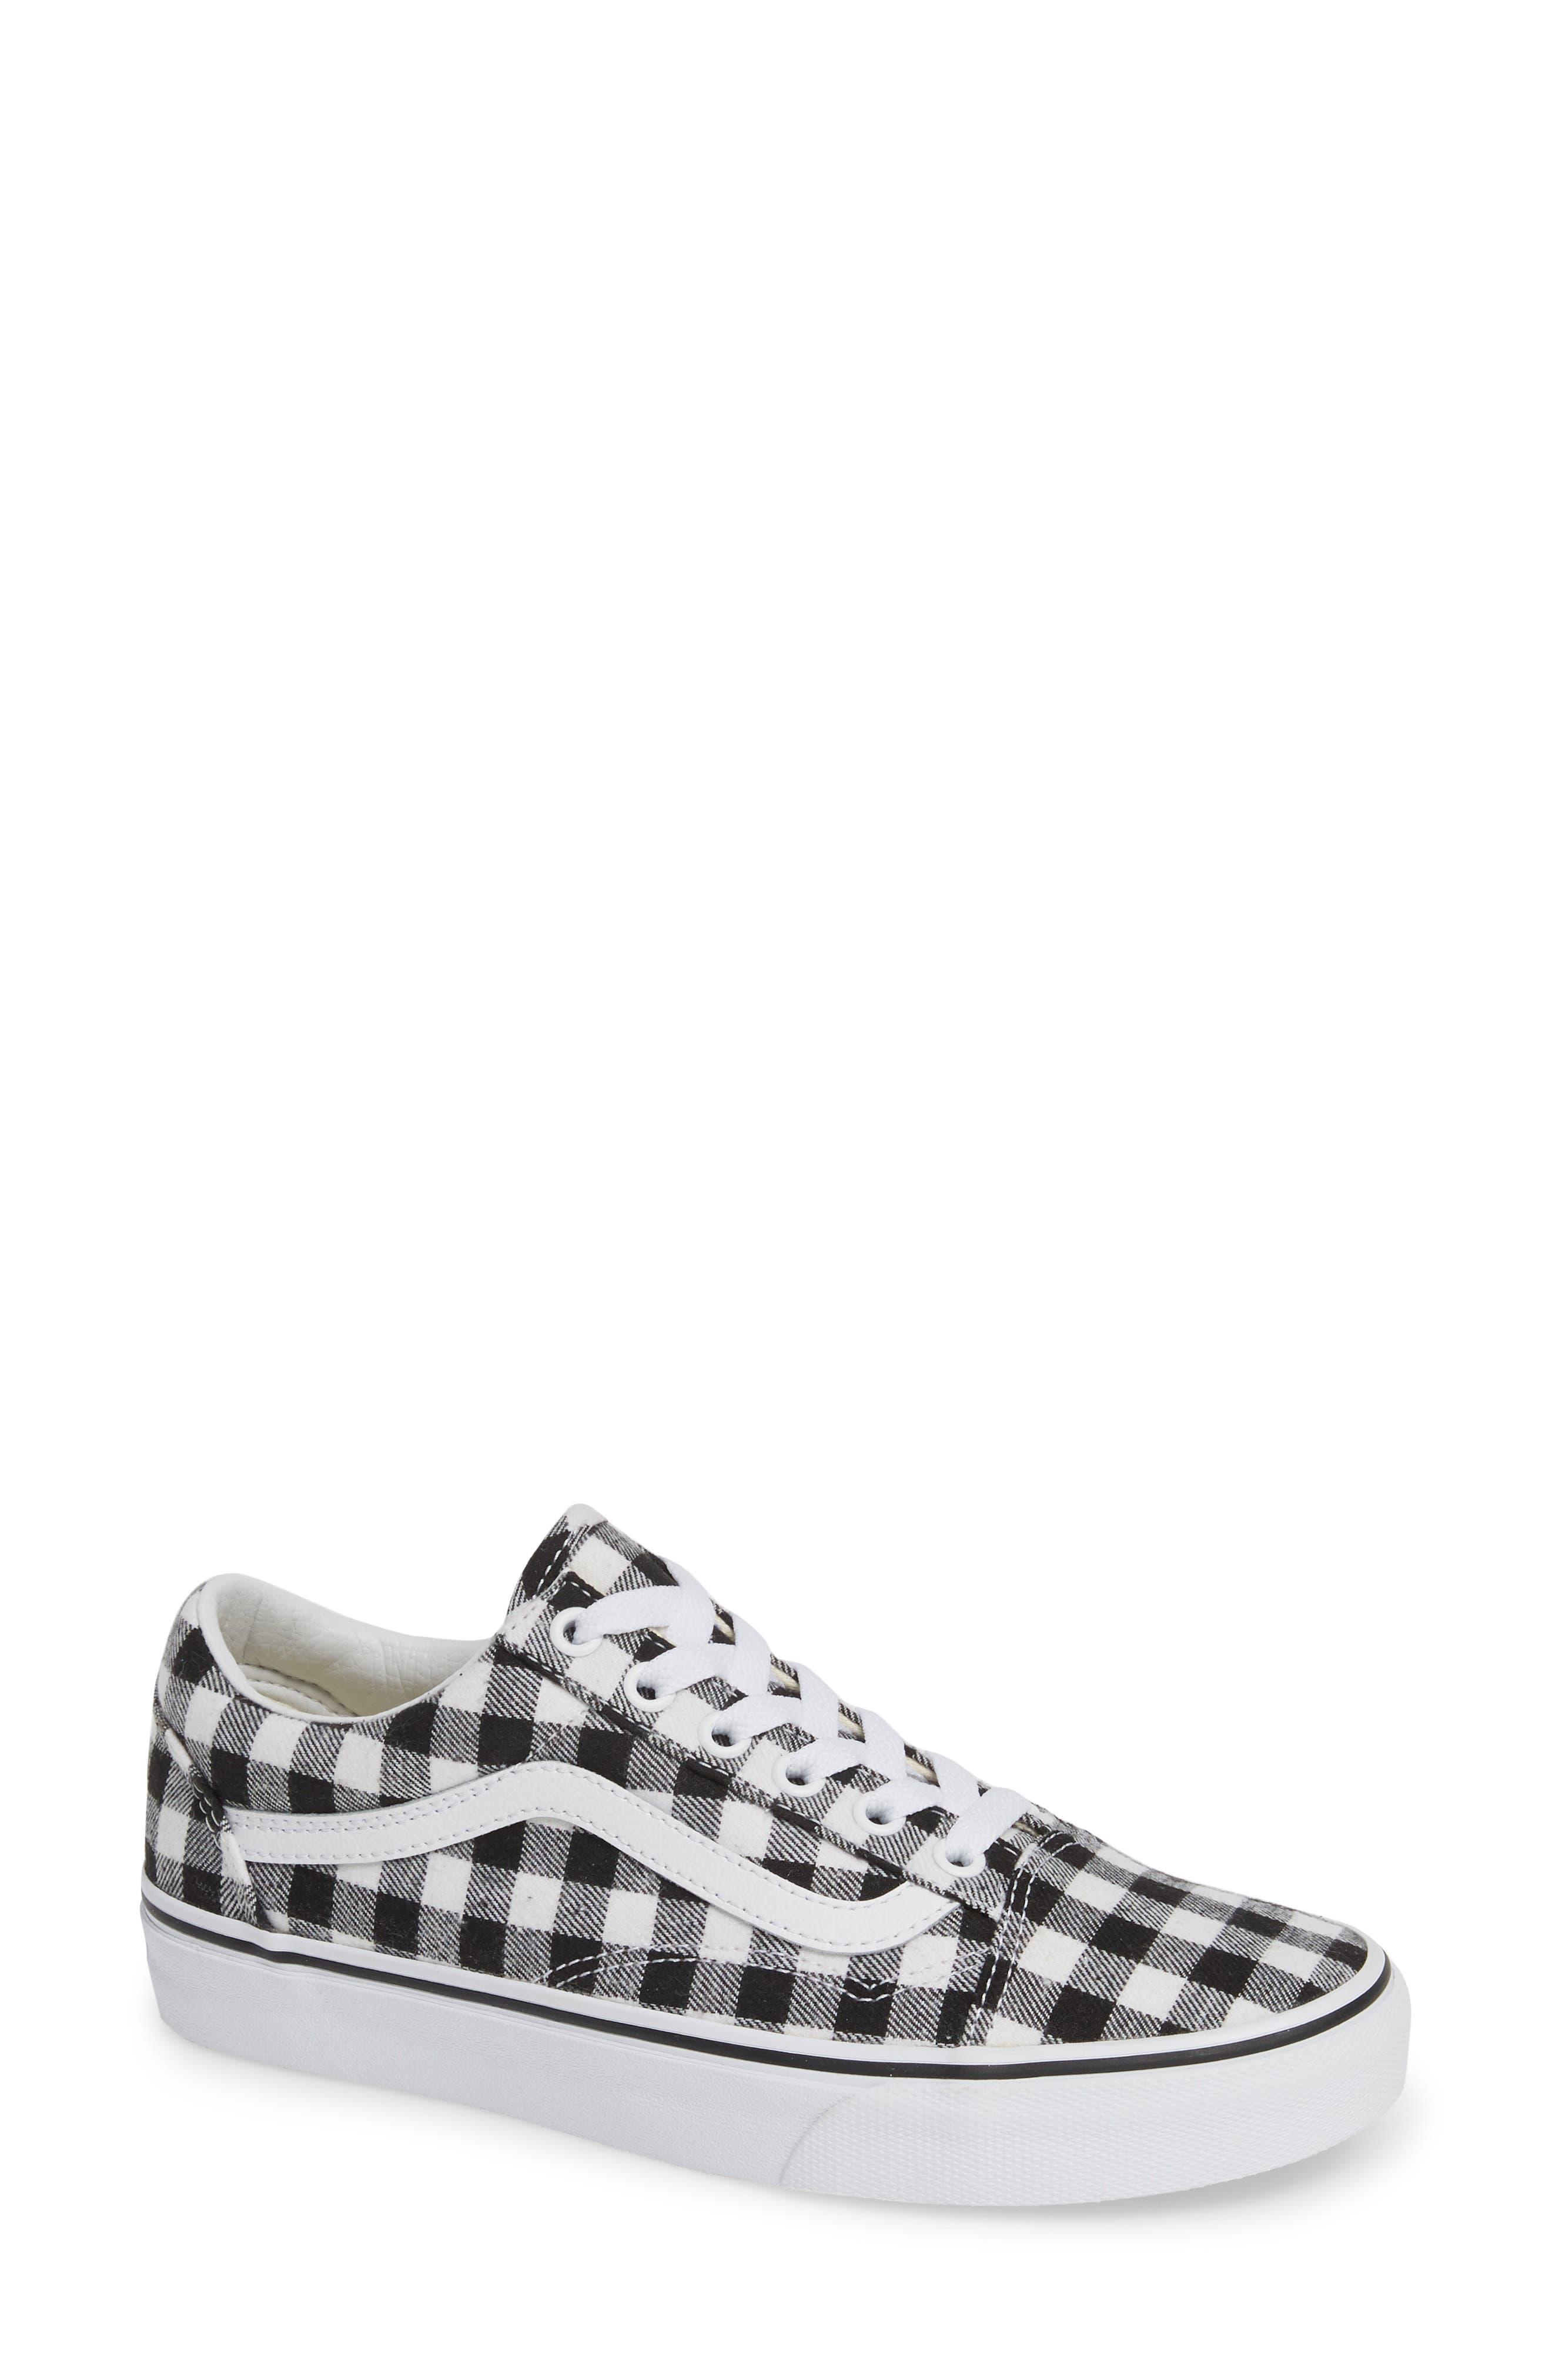 VANS Old Skool Sneaker, Main, color, GINGHAM BLACK/ TRUE WHITE